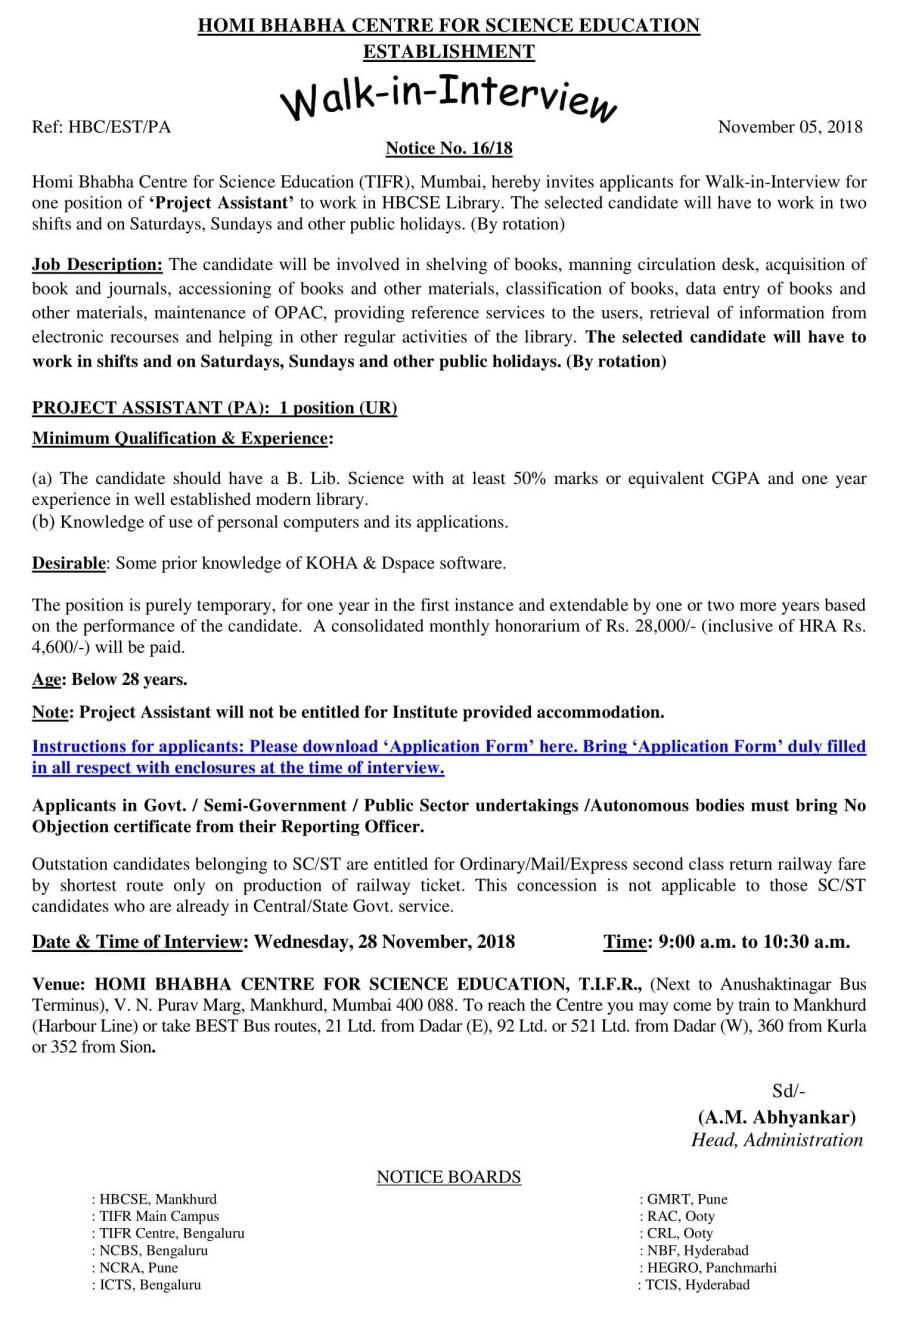 advt-library-16-18-1.jpg